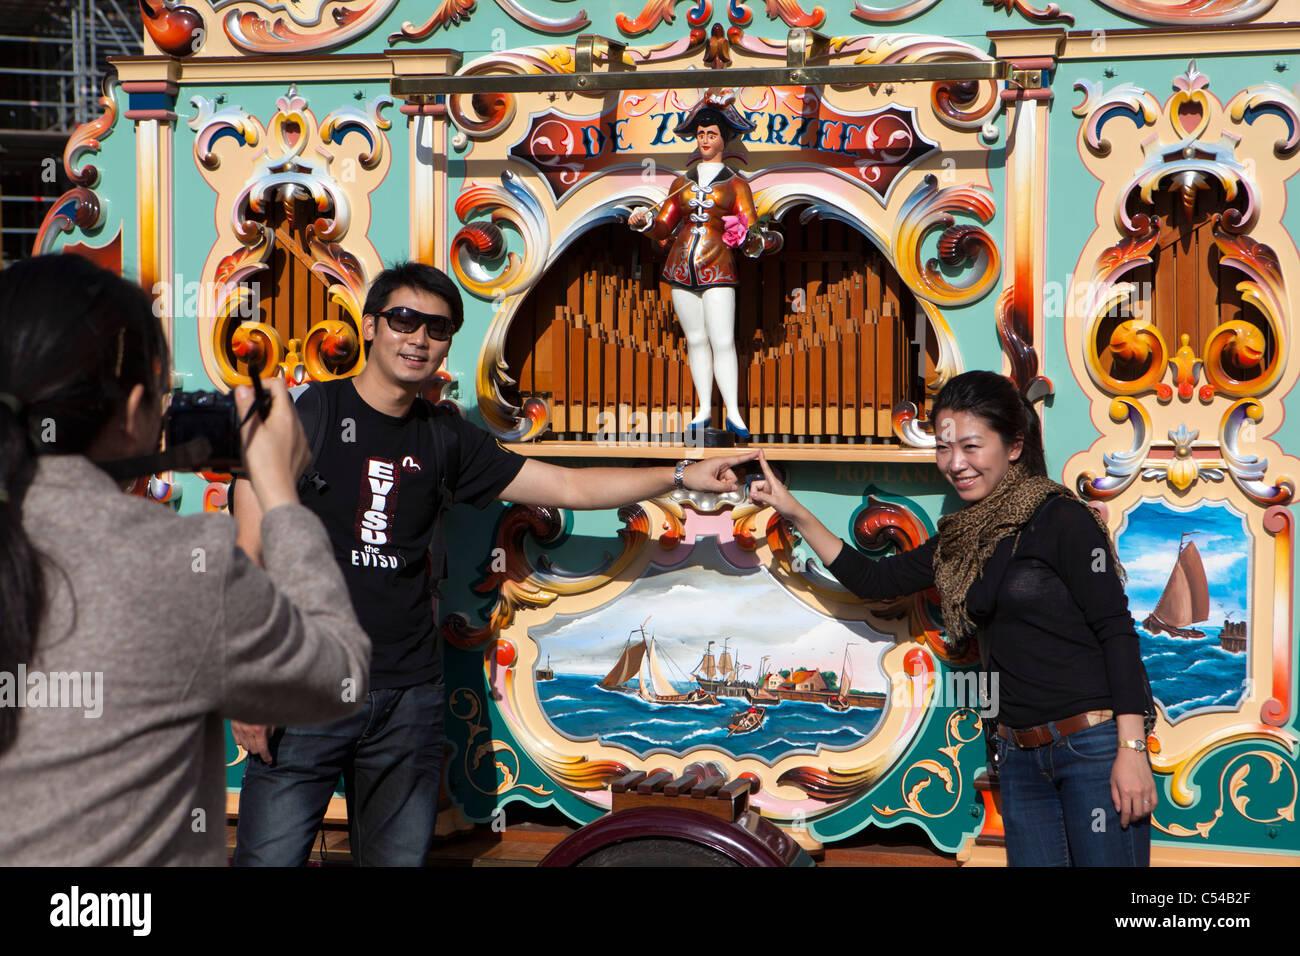 Les Pays-Bas, Amsterdam, parade annuelle des organes de la rue sur la place du Dam. Les touristes asiatiques, l'homme Photo Stock